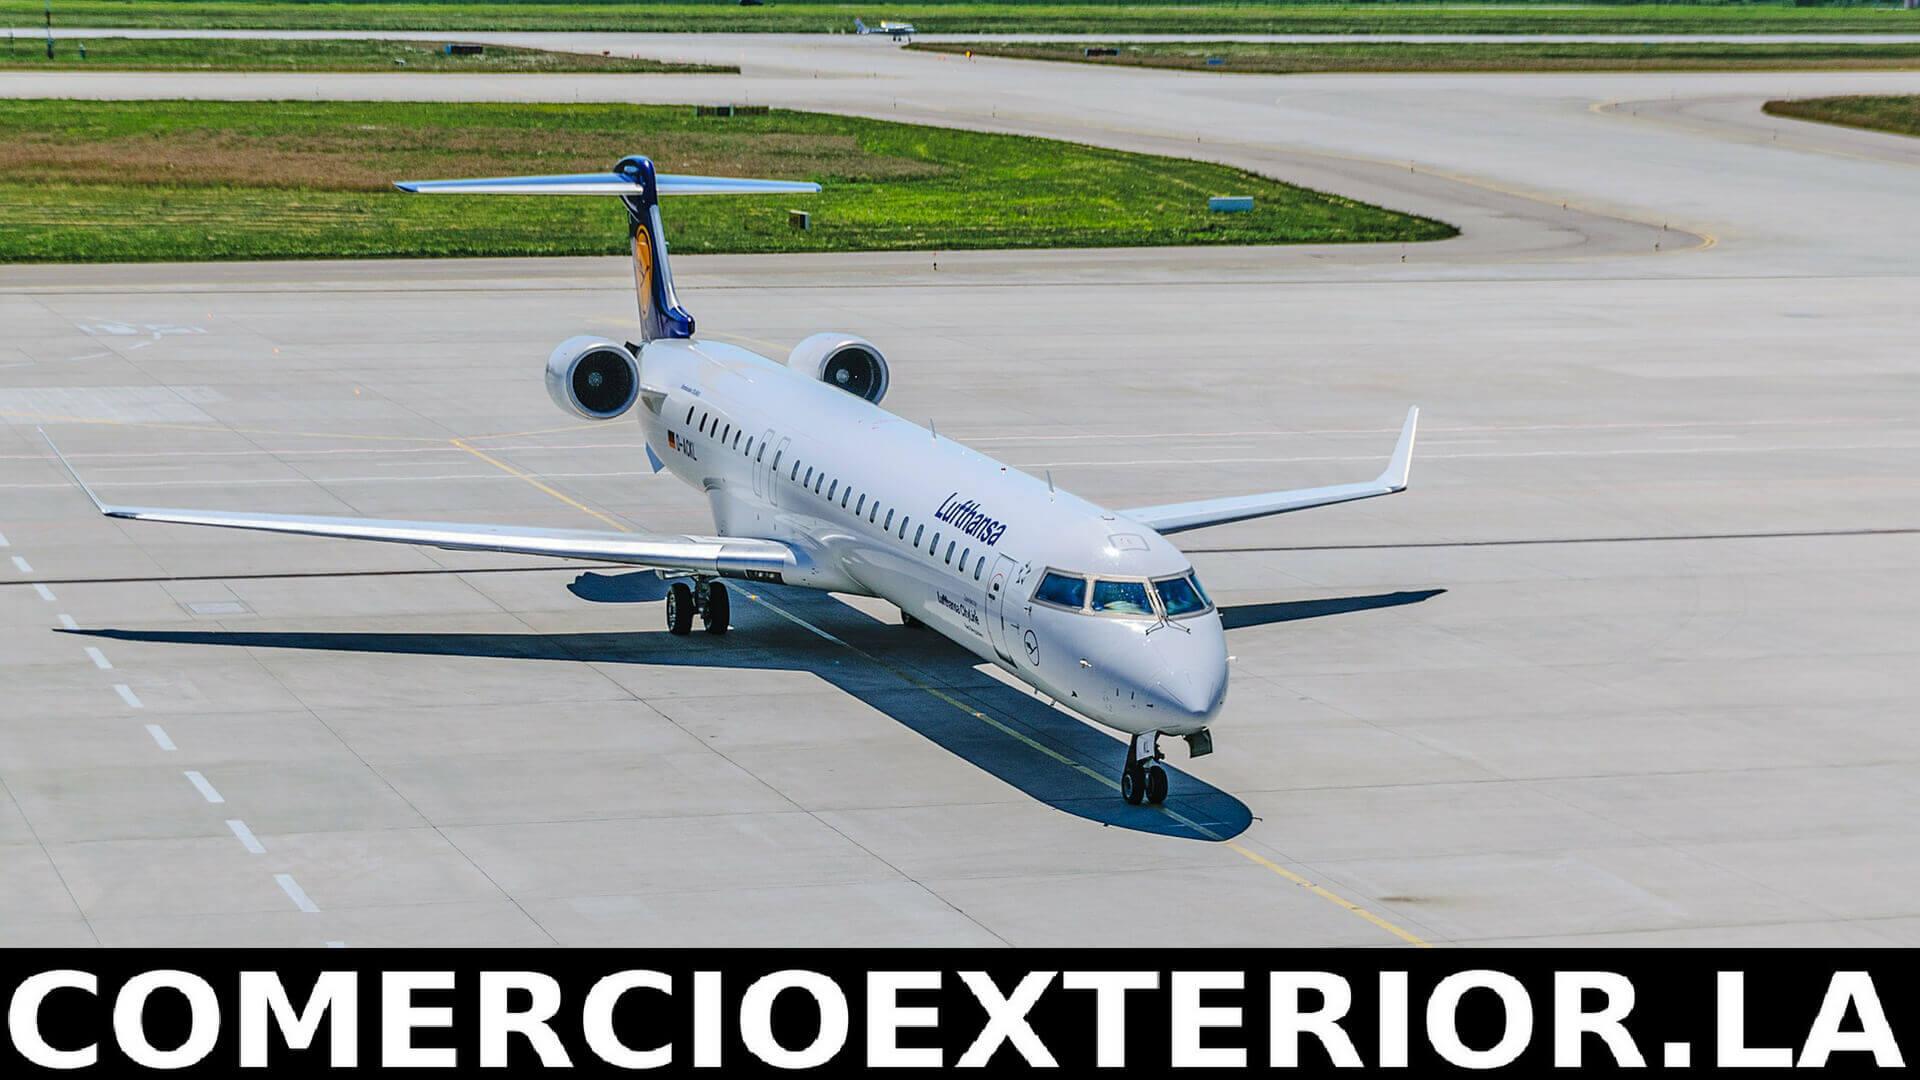 Transporte Aéreo en el comercio exterior